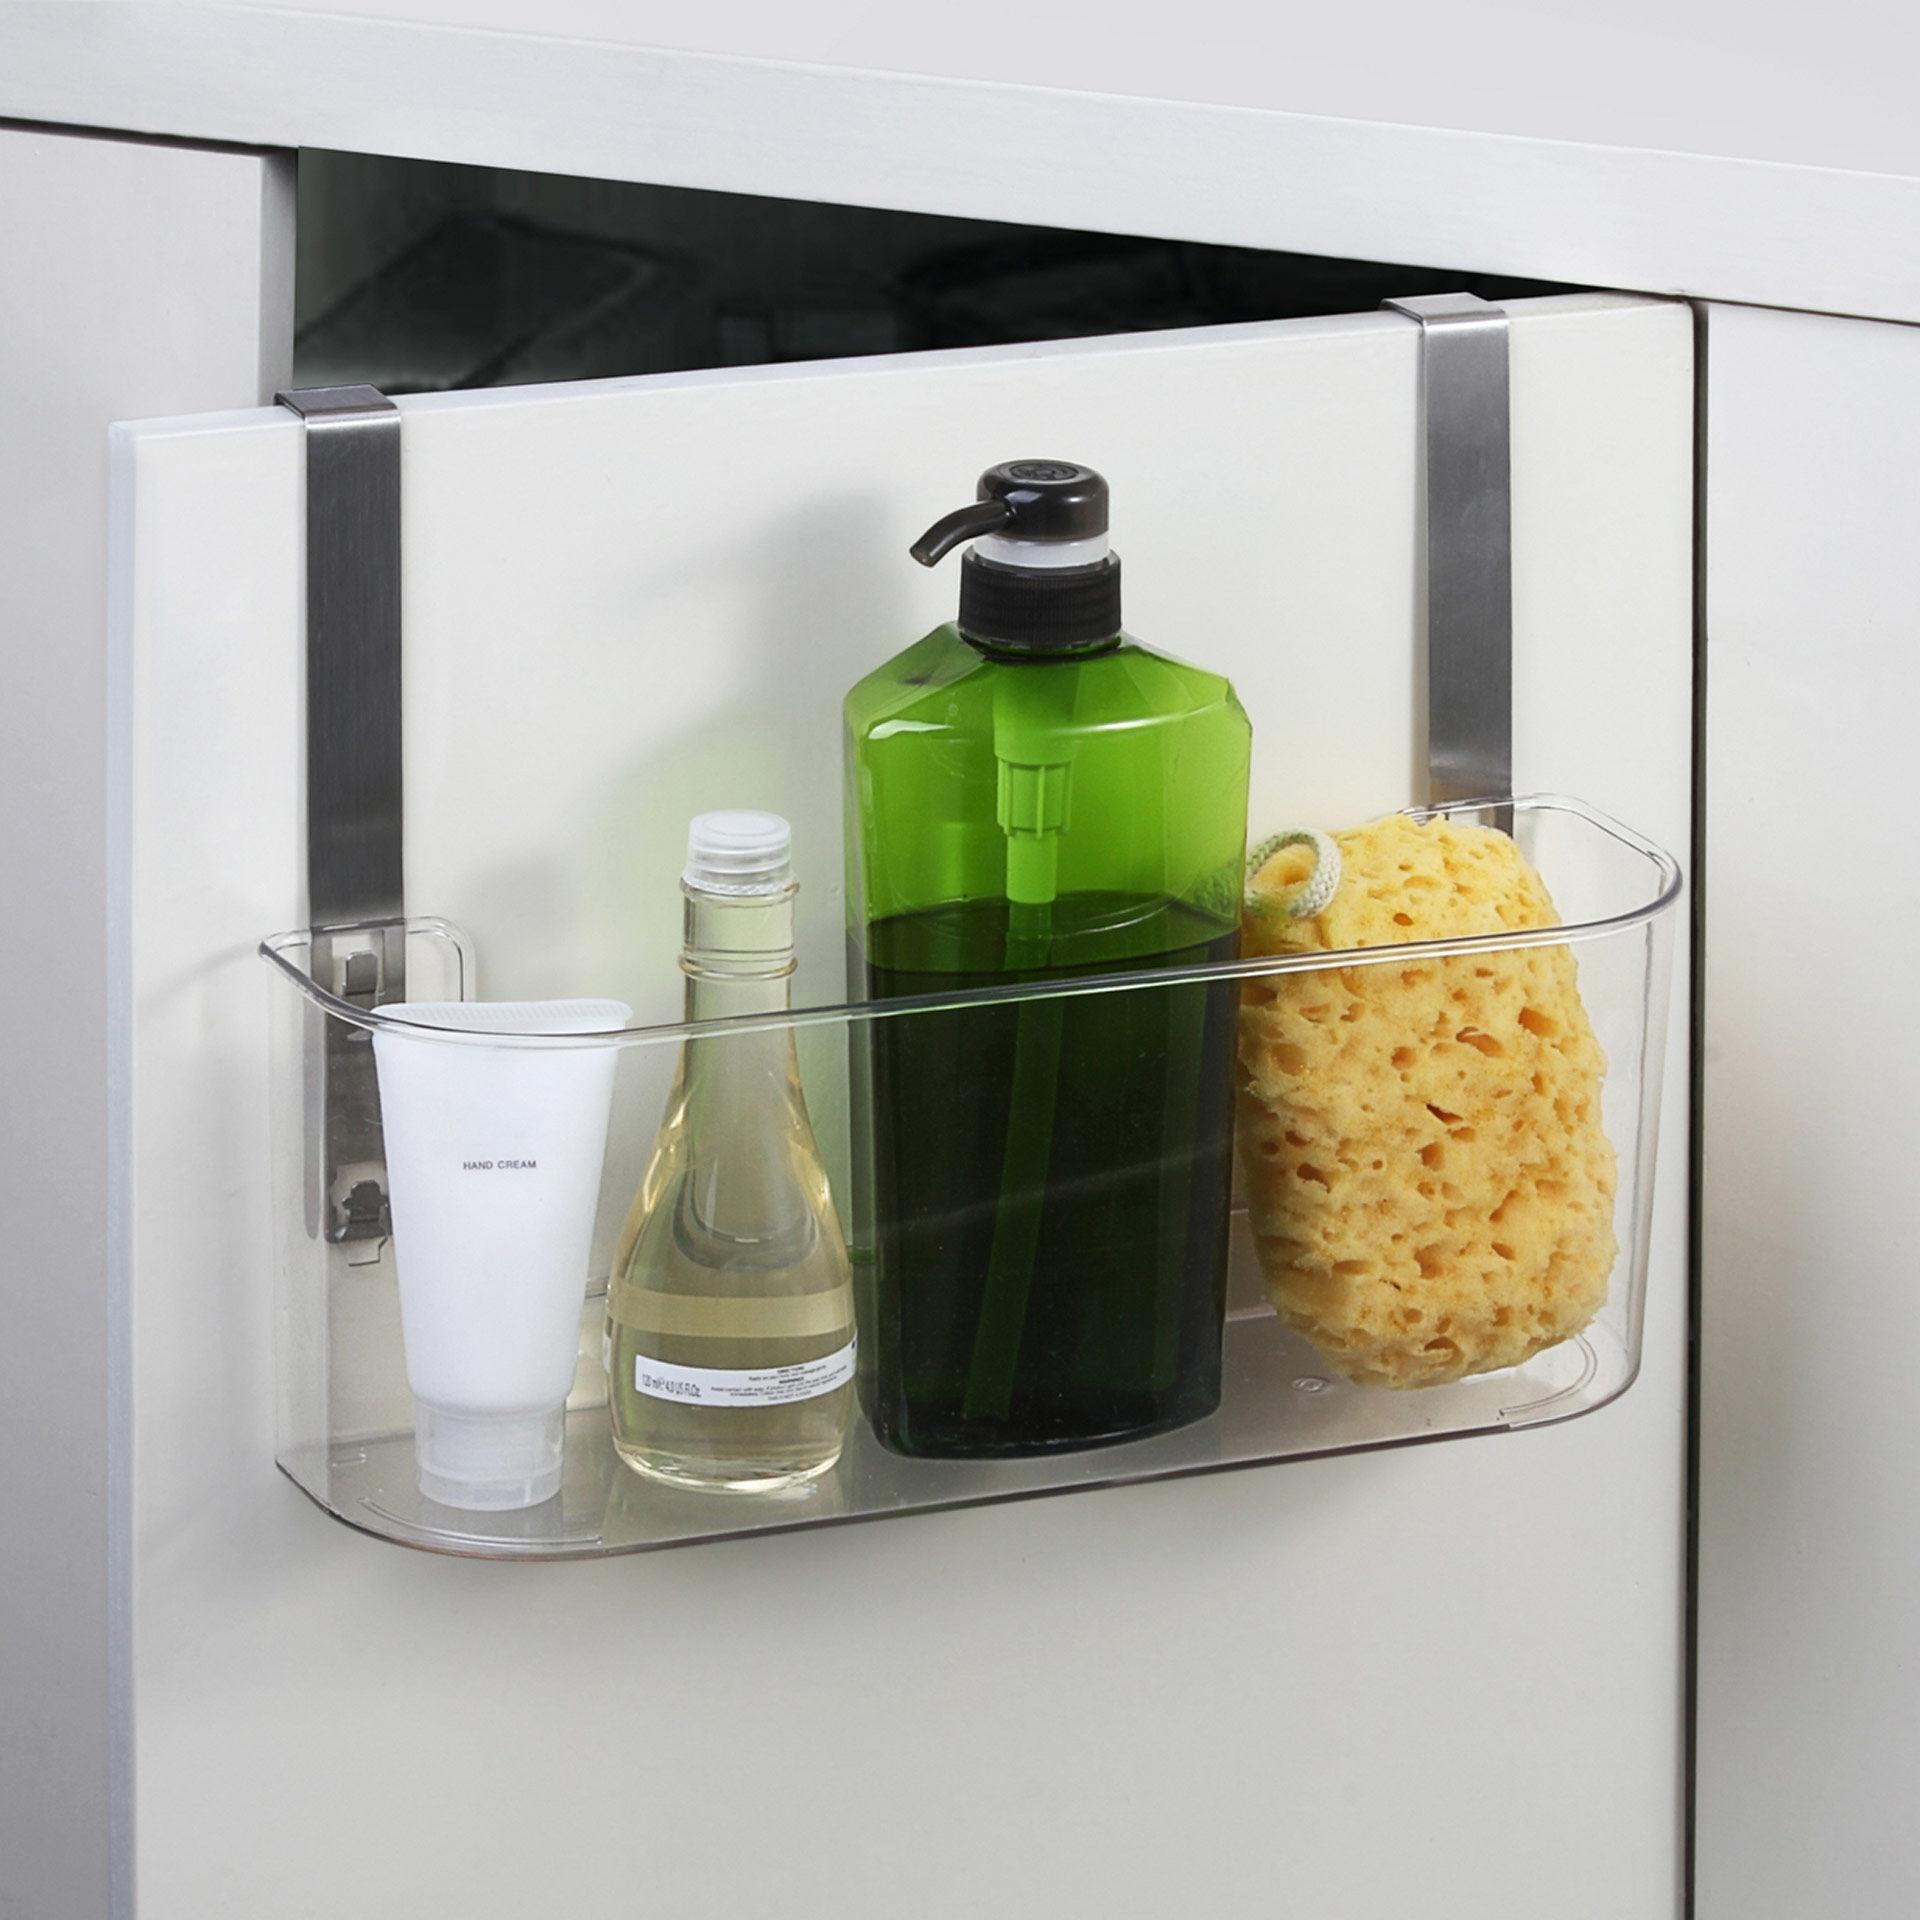 Porte-objet gain de place pour porte de cuisine, , large